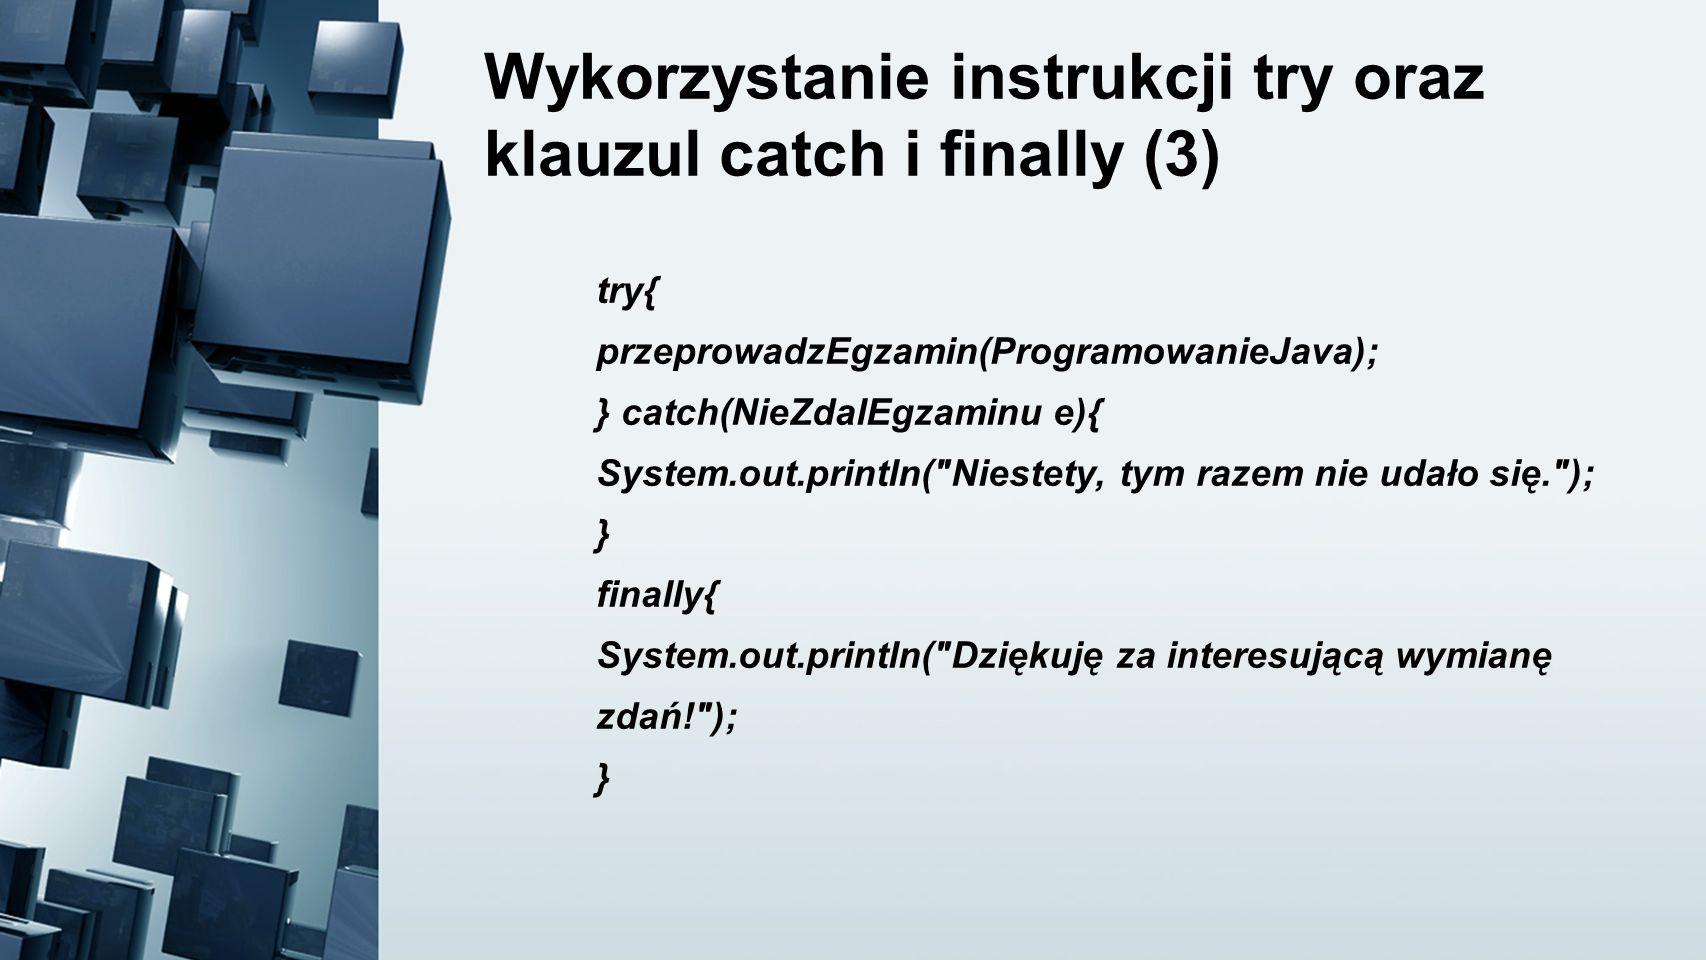 Wykorzystanie instrukcji try oraz klauzul catch i finally (3) try{ przeprowadzEgzamin(ProgramowanieJava); } catch(NieZdalEgzaminu e){ System.out.print